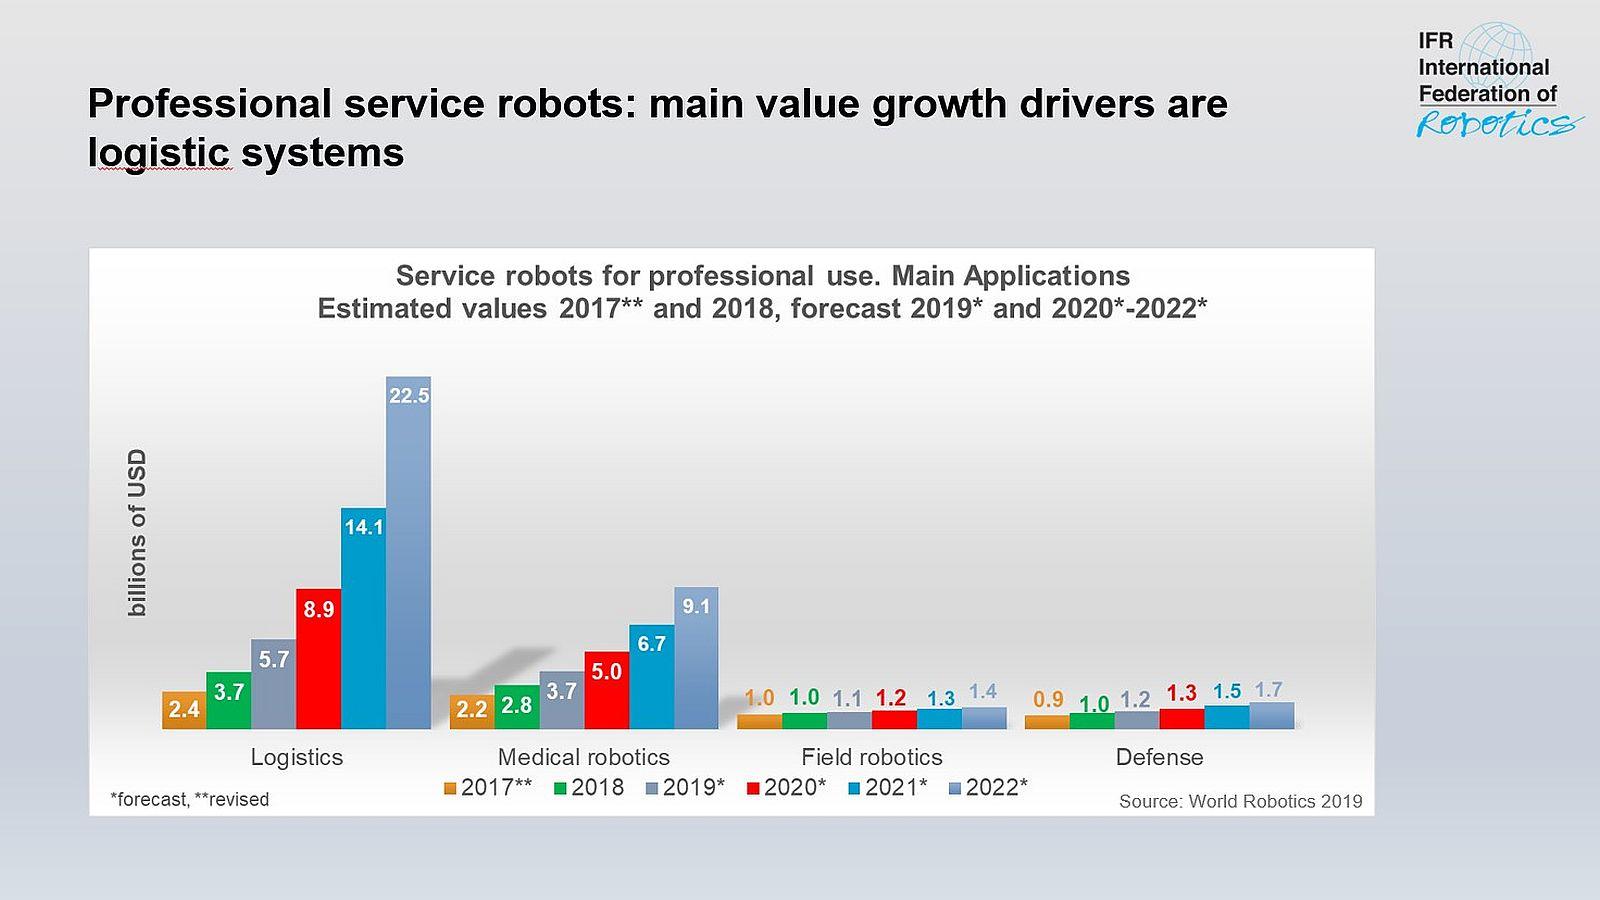 Crecimiento del mercado global de robots industriales y de servicio en 2018 según IFR